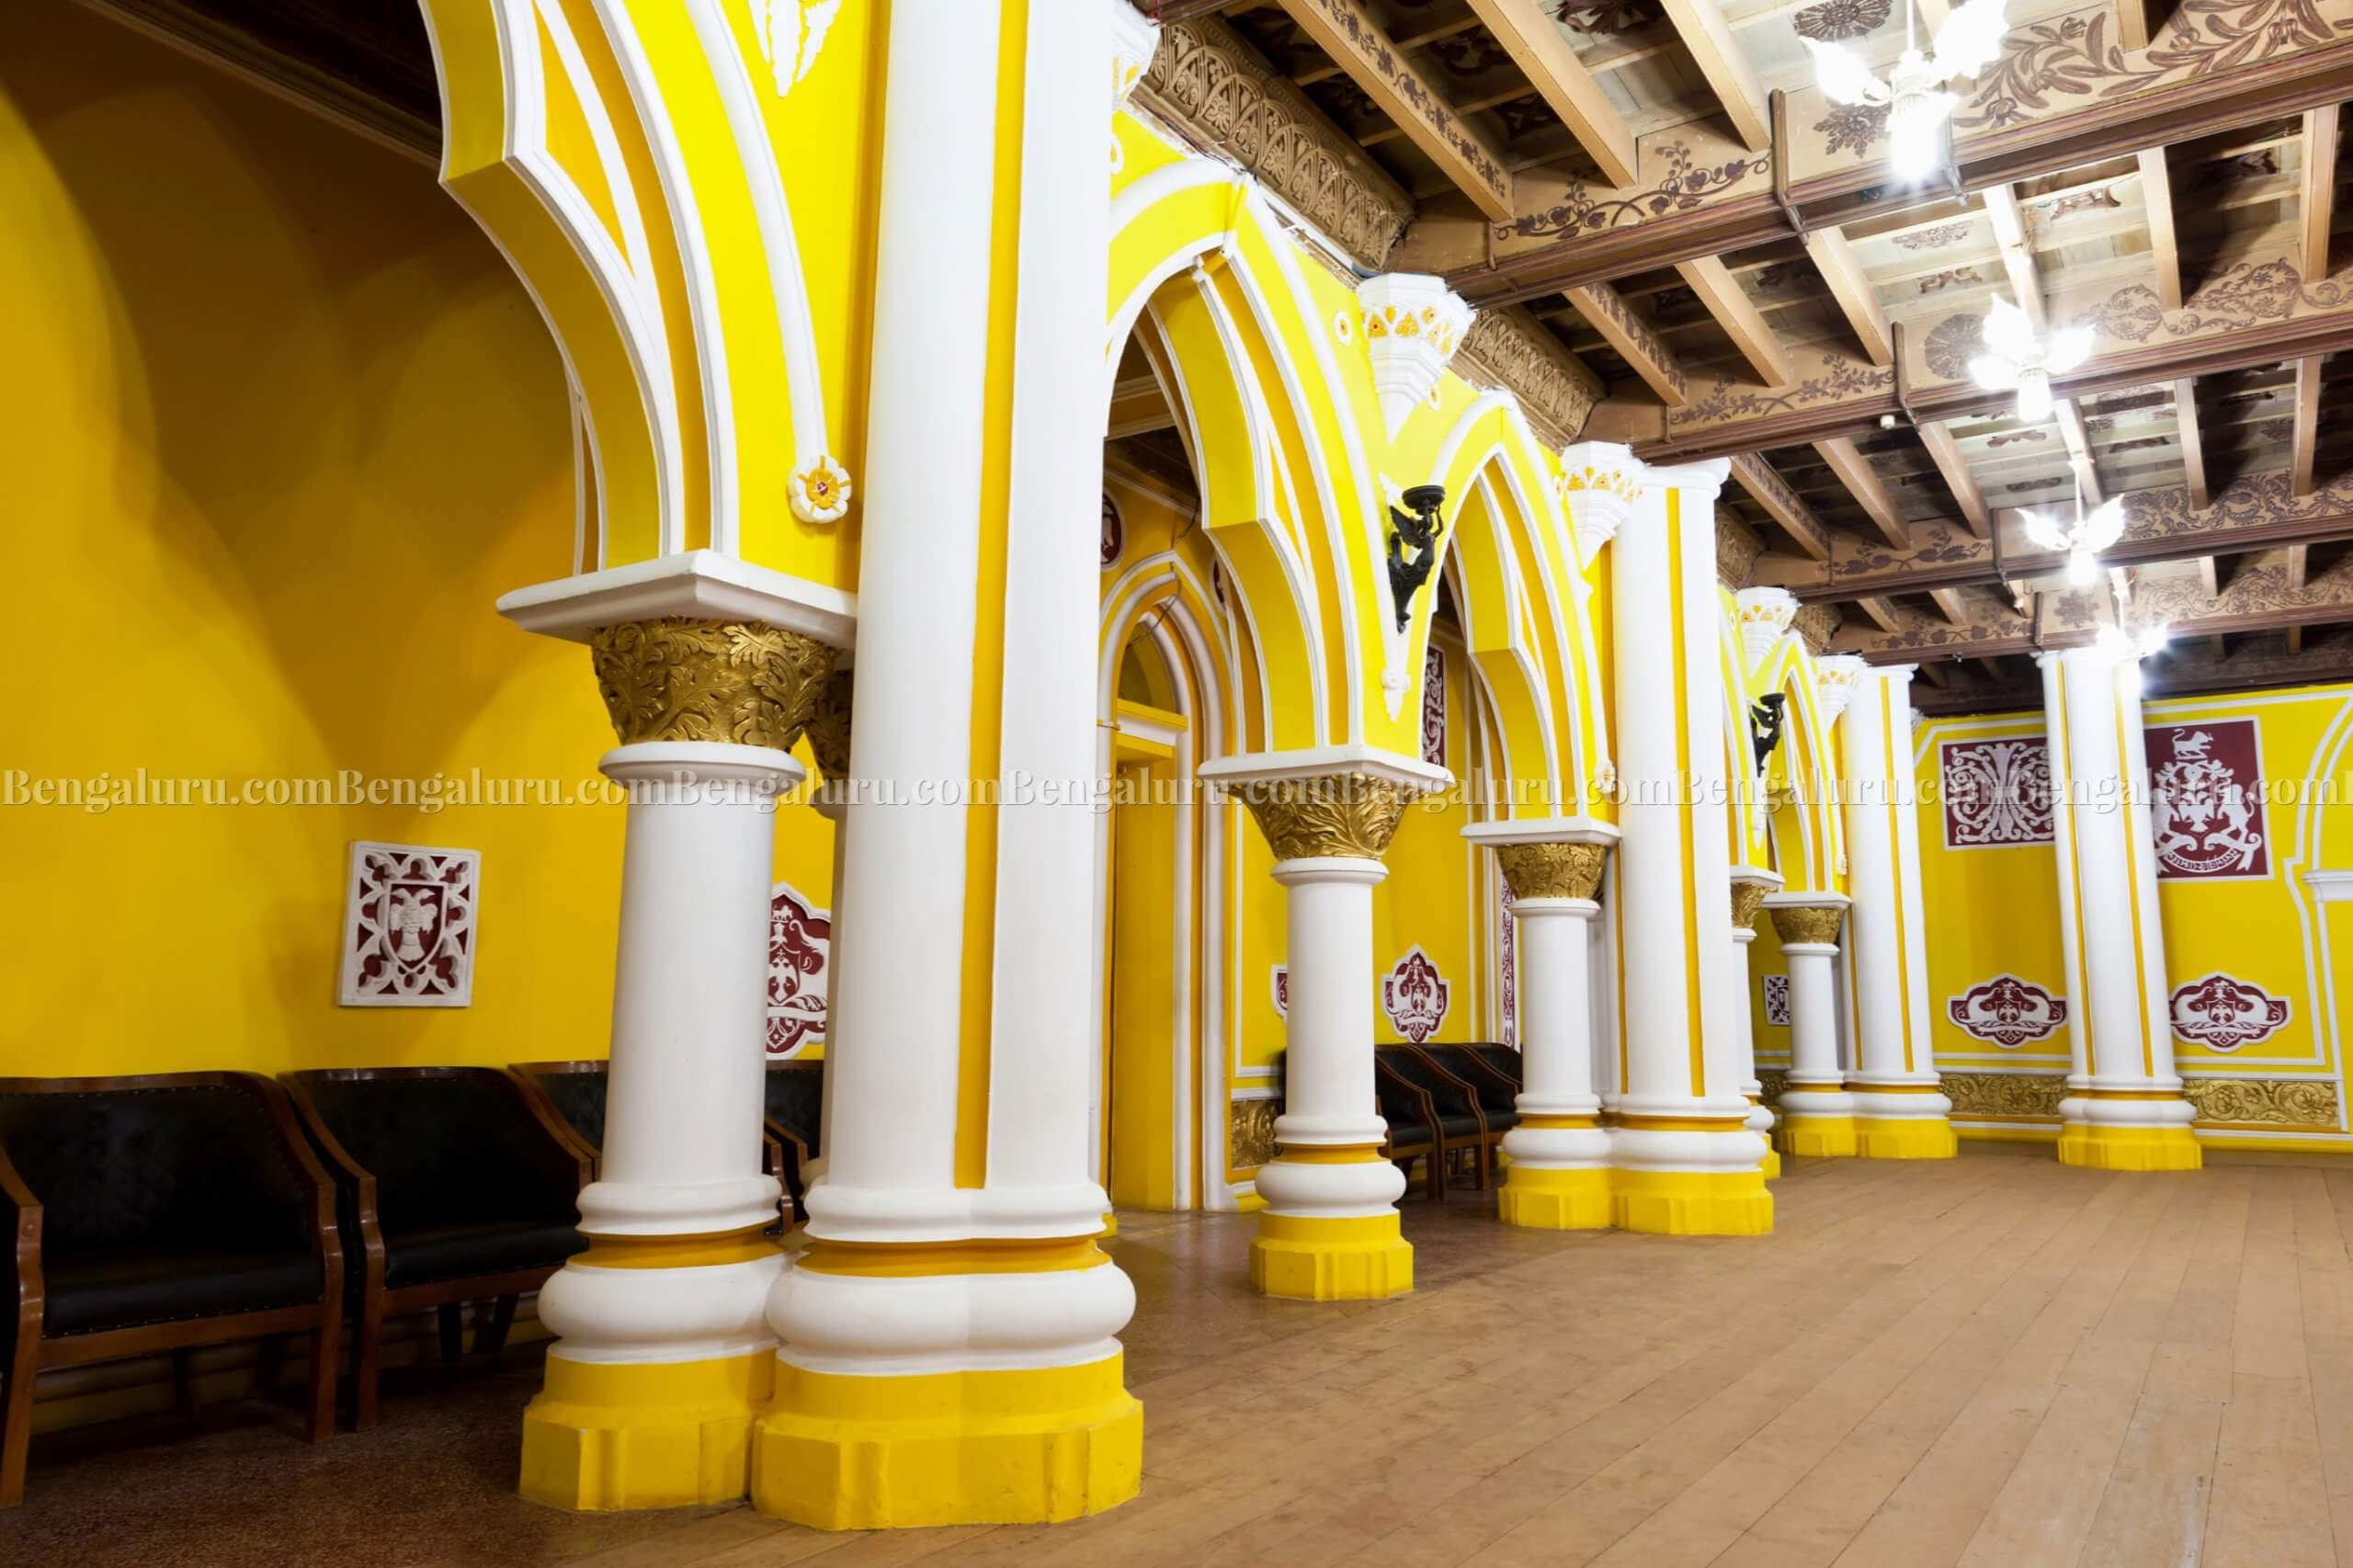 Inside Bengaluru Palace